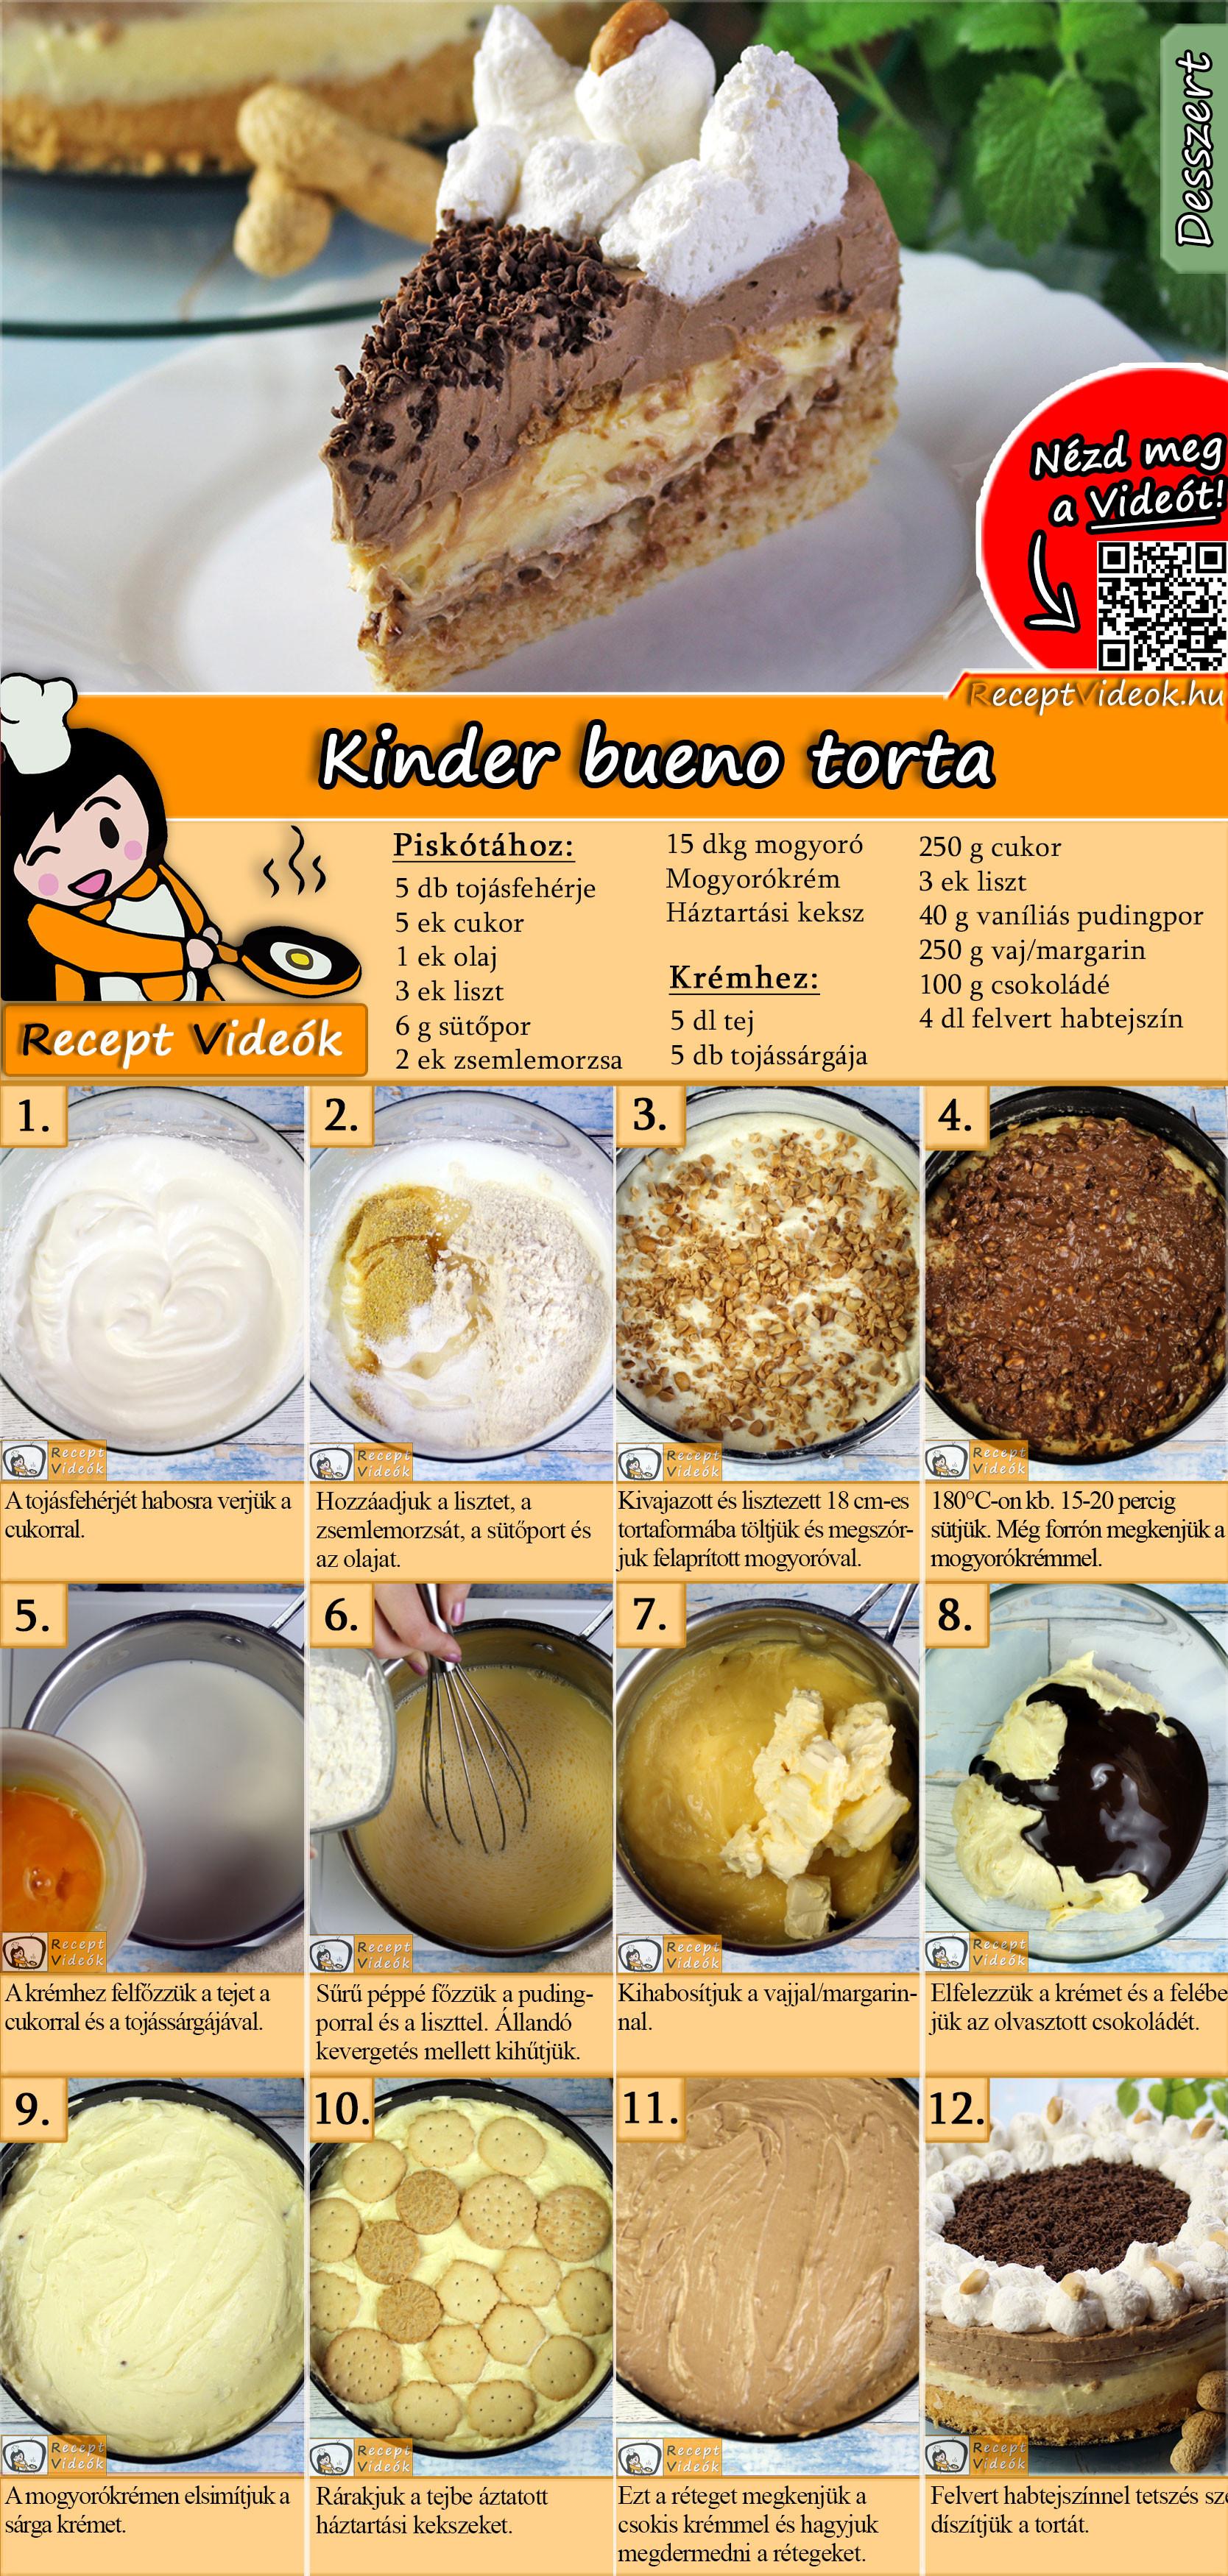 Kinder bueno torta recept elkészítése videóval